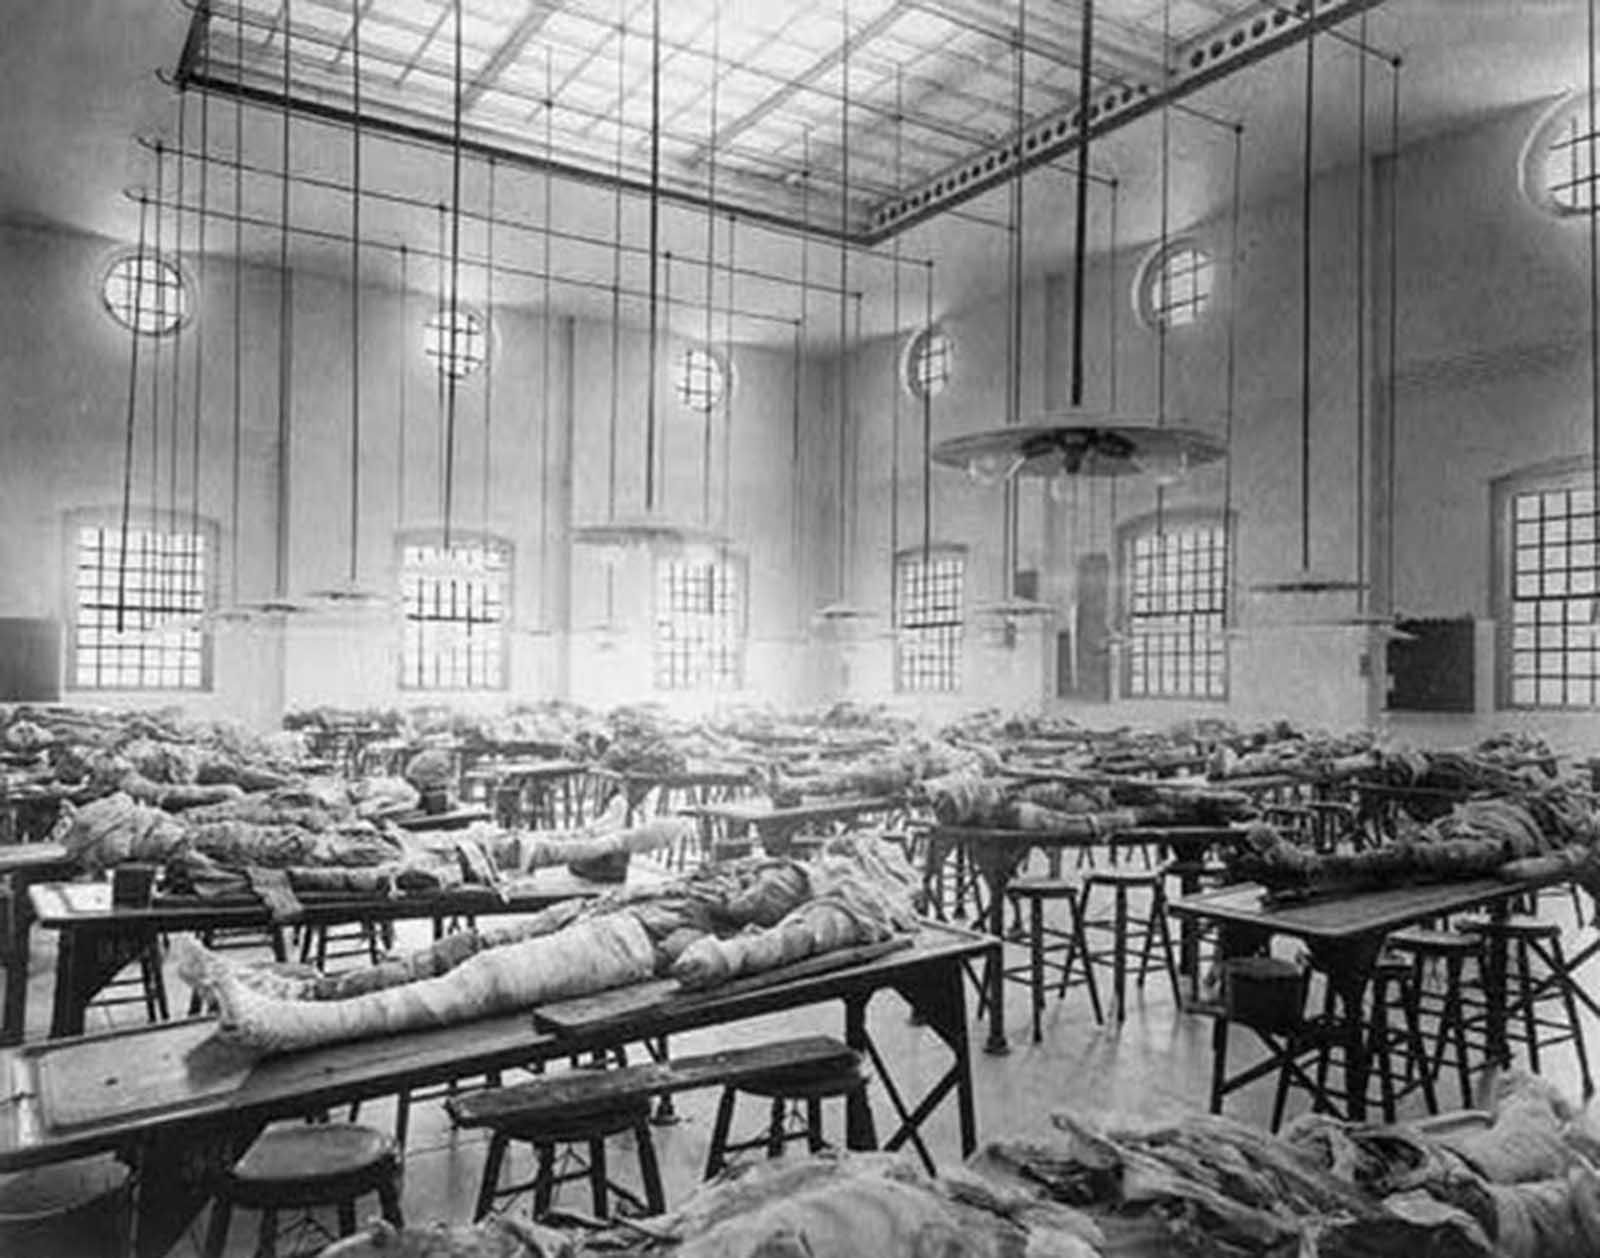 Cadáveres parcialmente diseccionados en mesas en la sala de disección del Jefferson Medical College en Filadelfia, Pensilvania, alrededor de 1902.